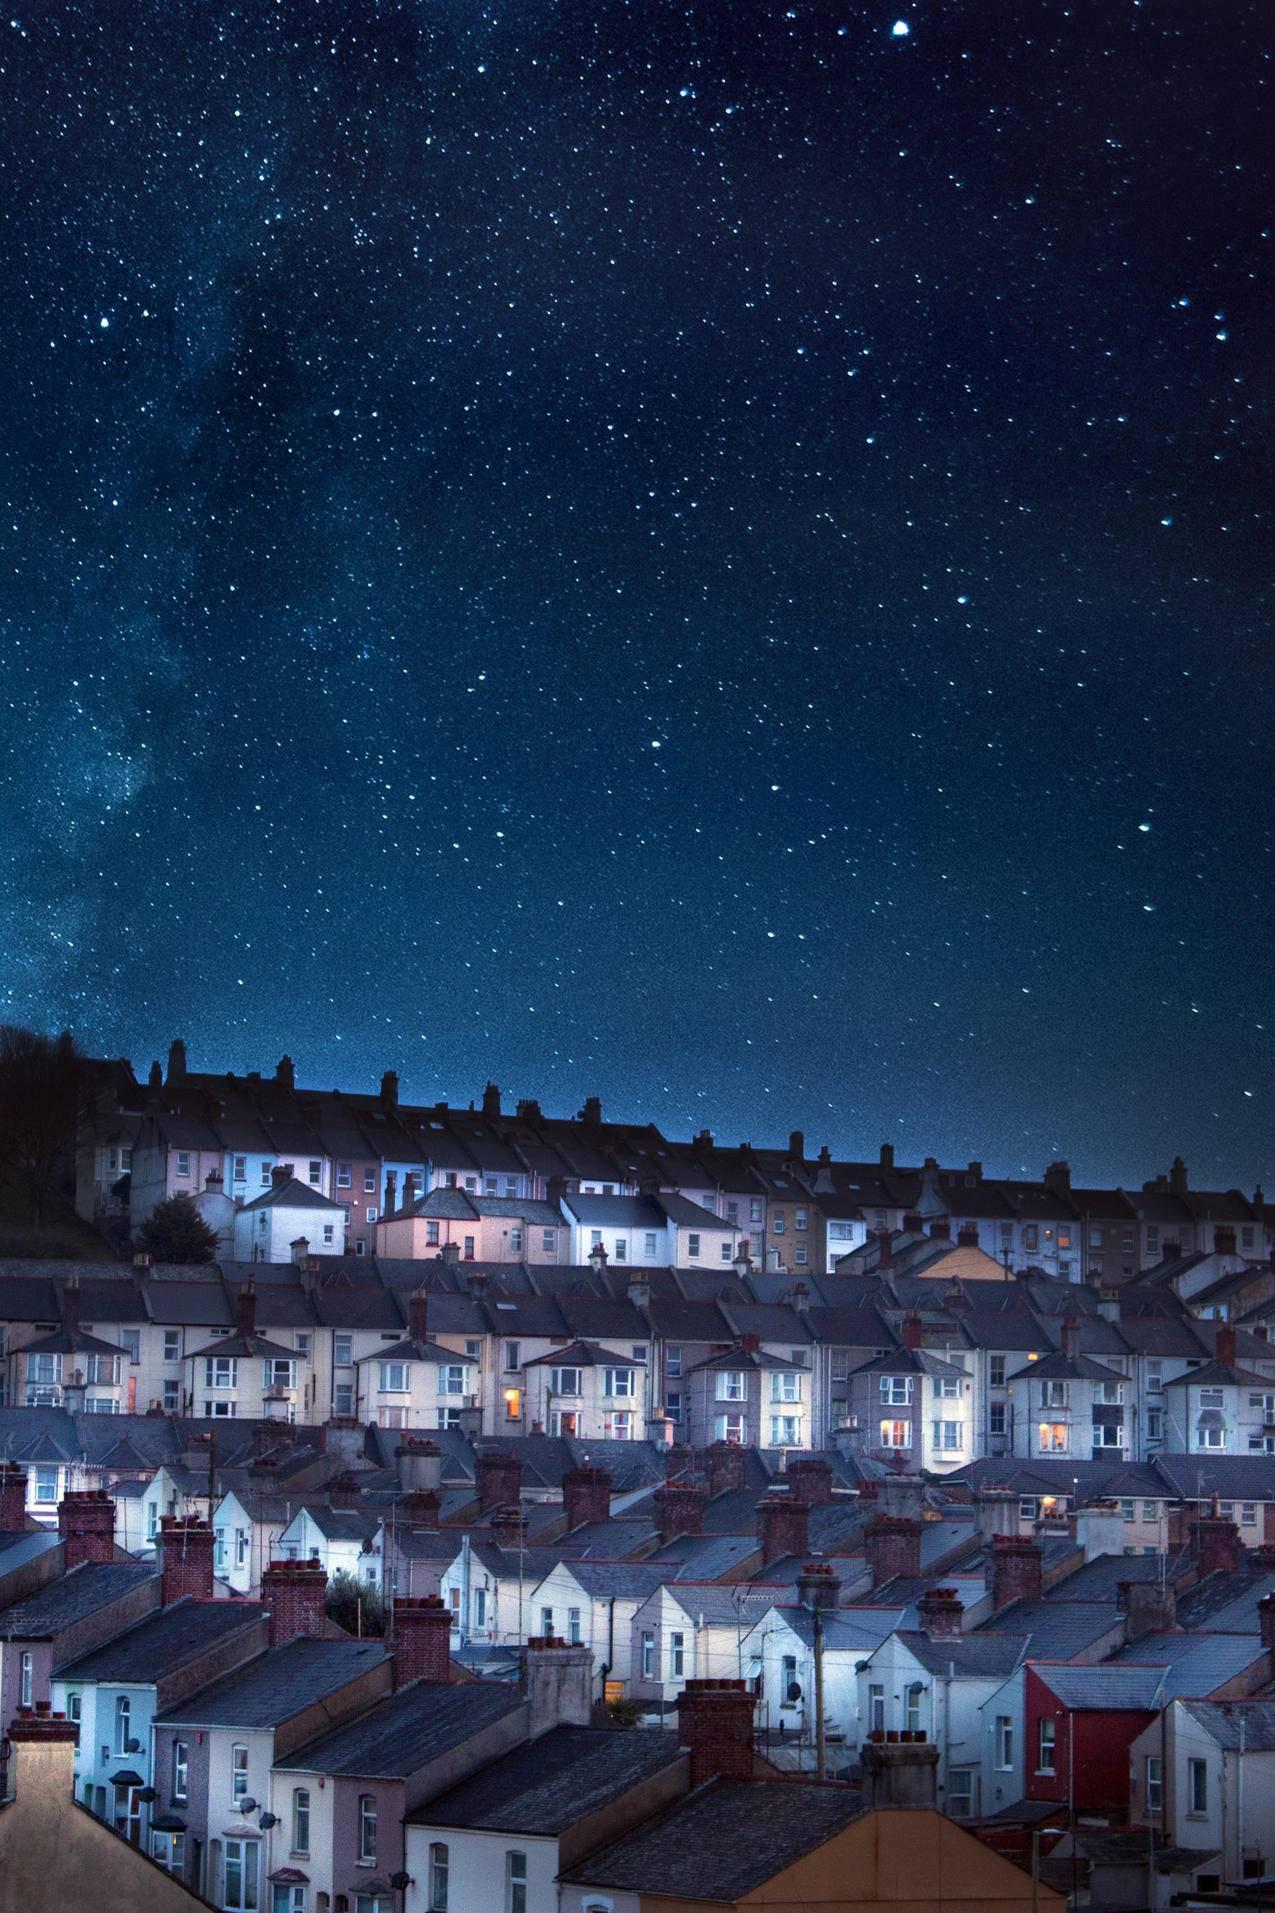 星空下的房屋高清图片